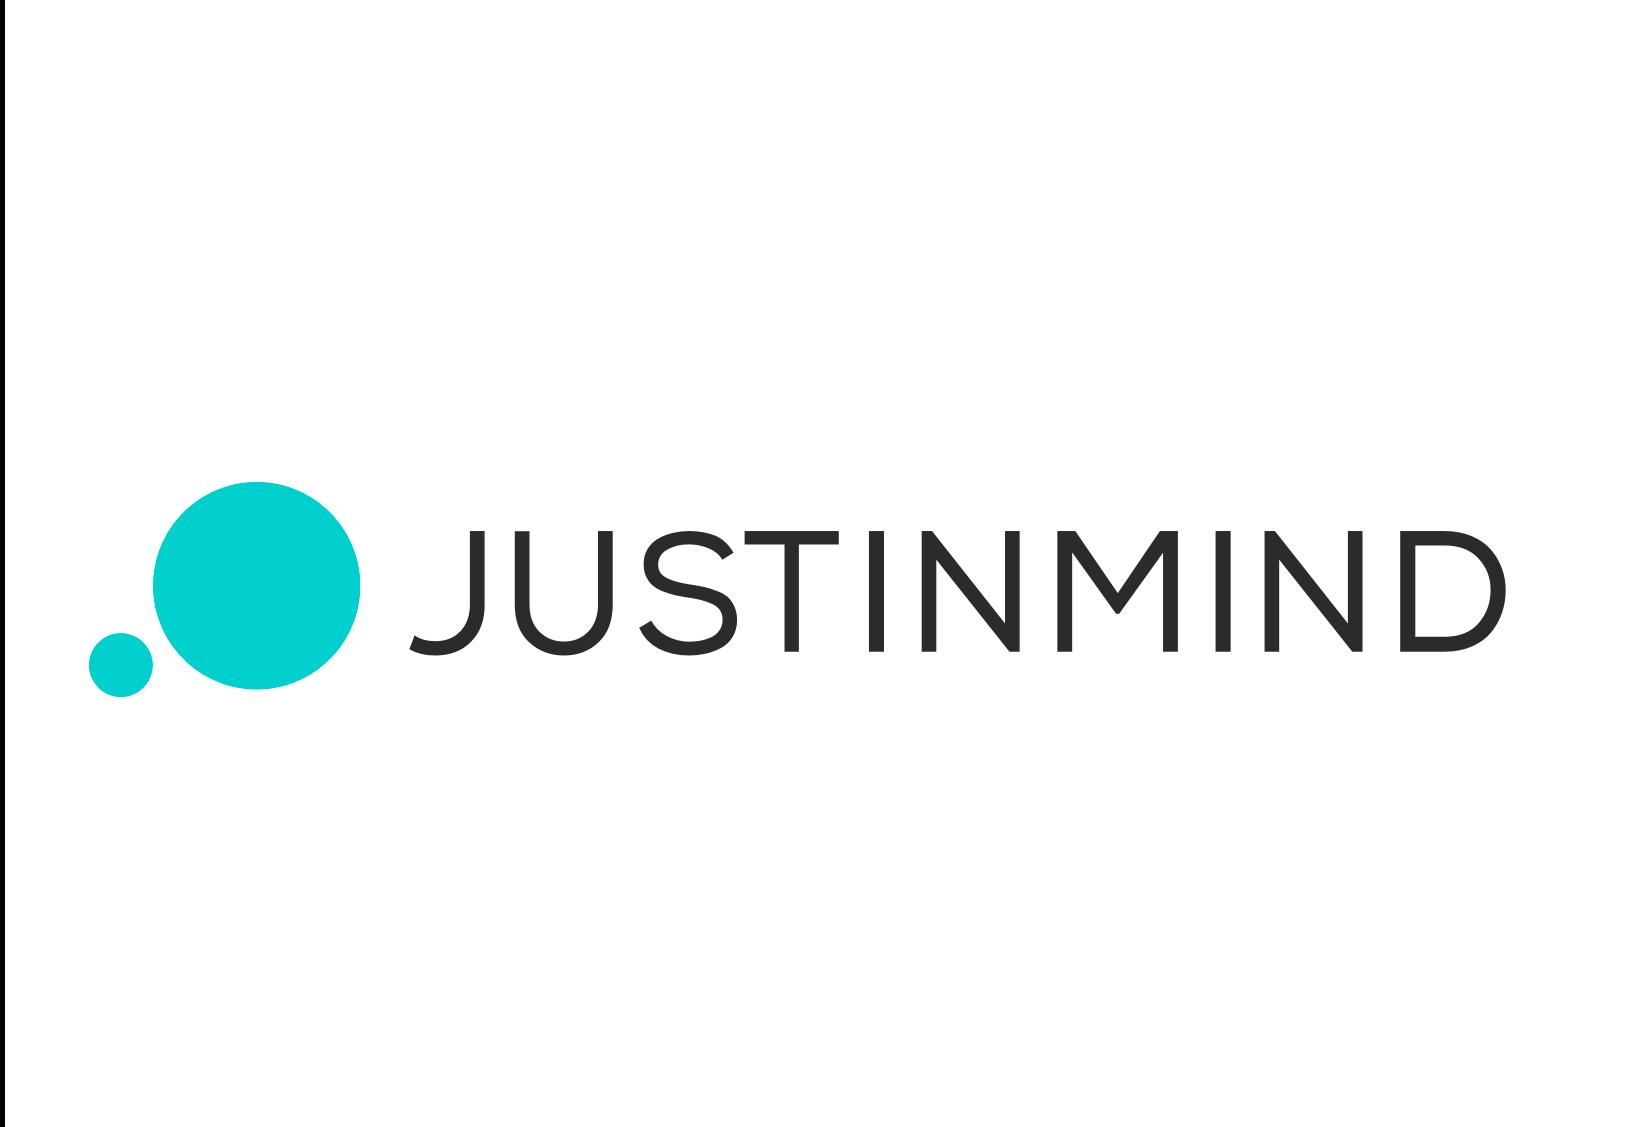 Justinmind